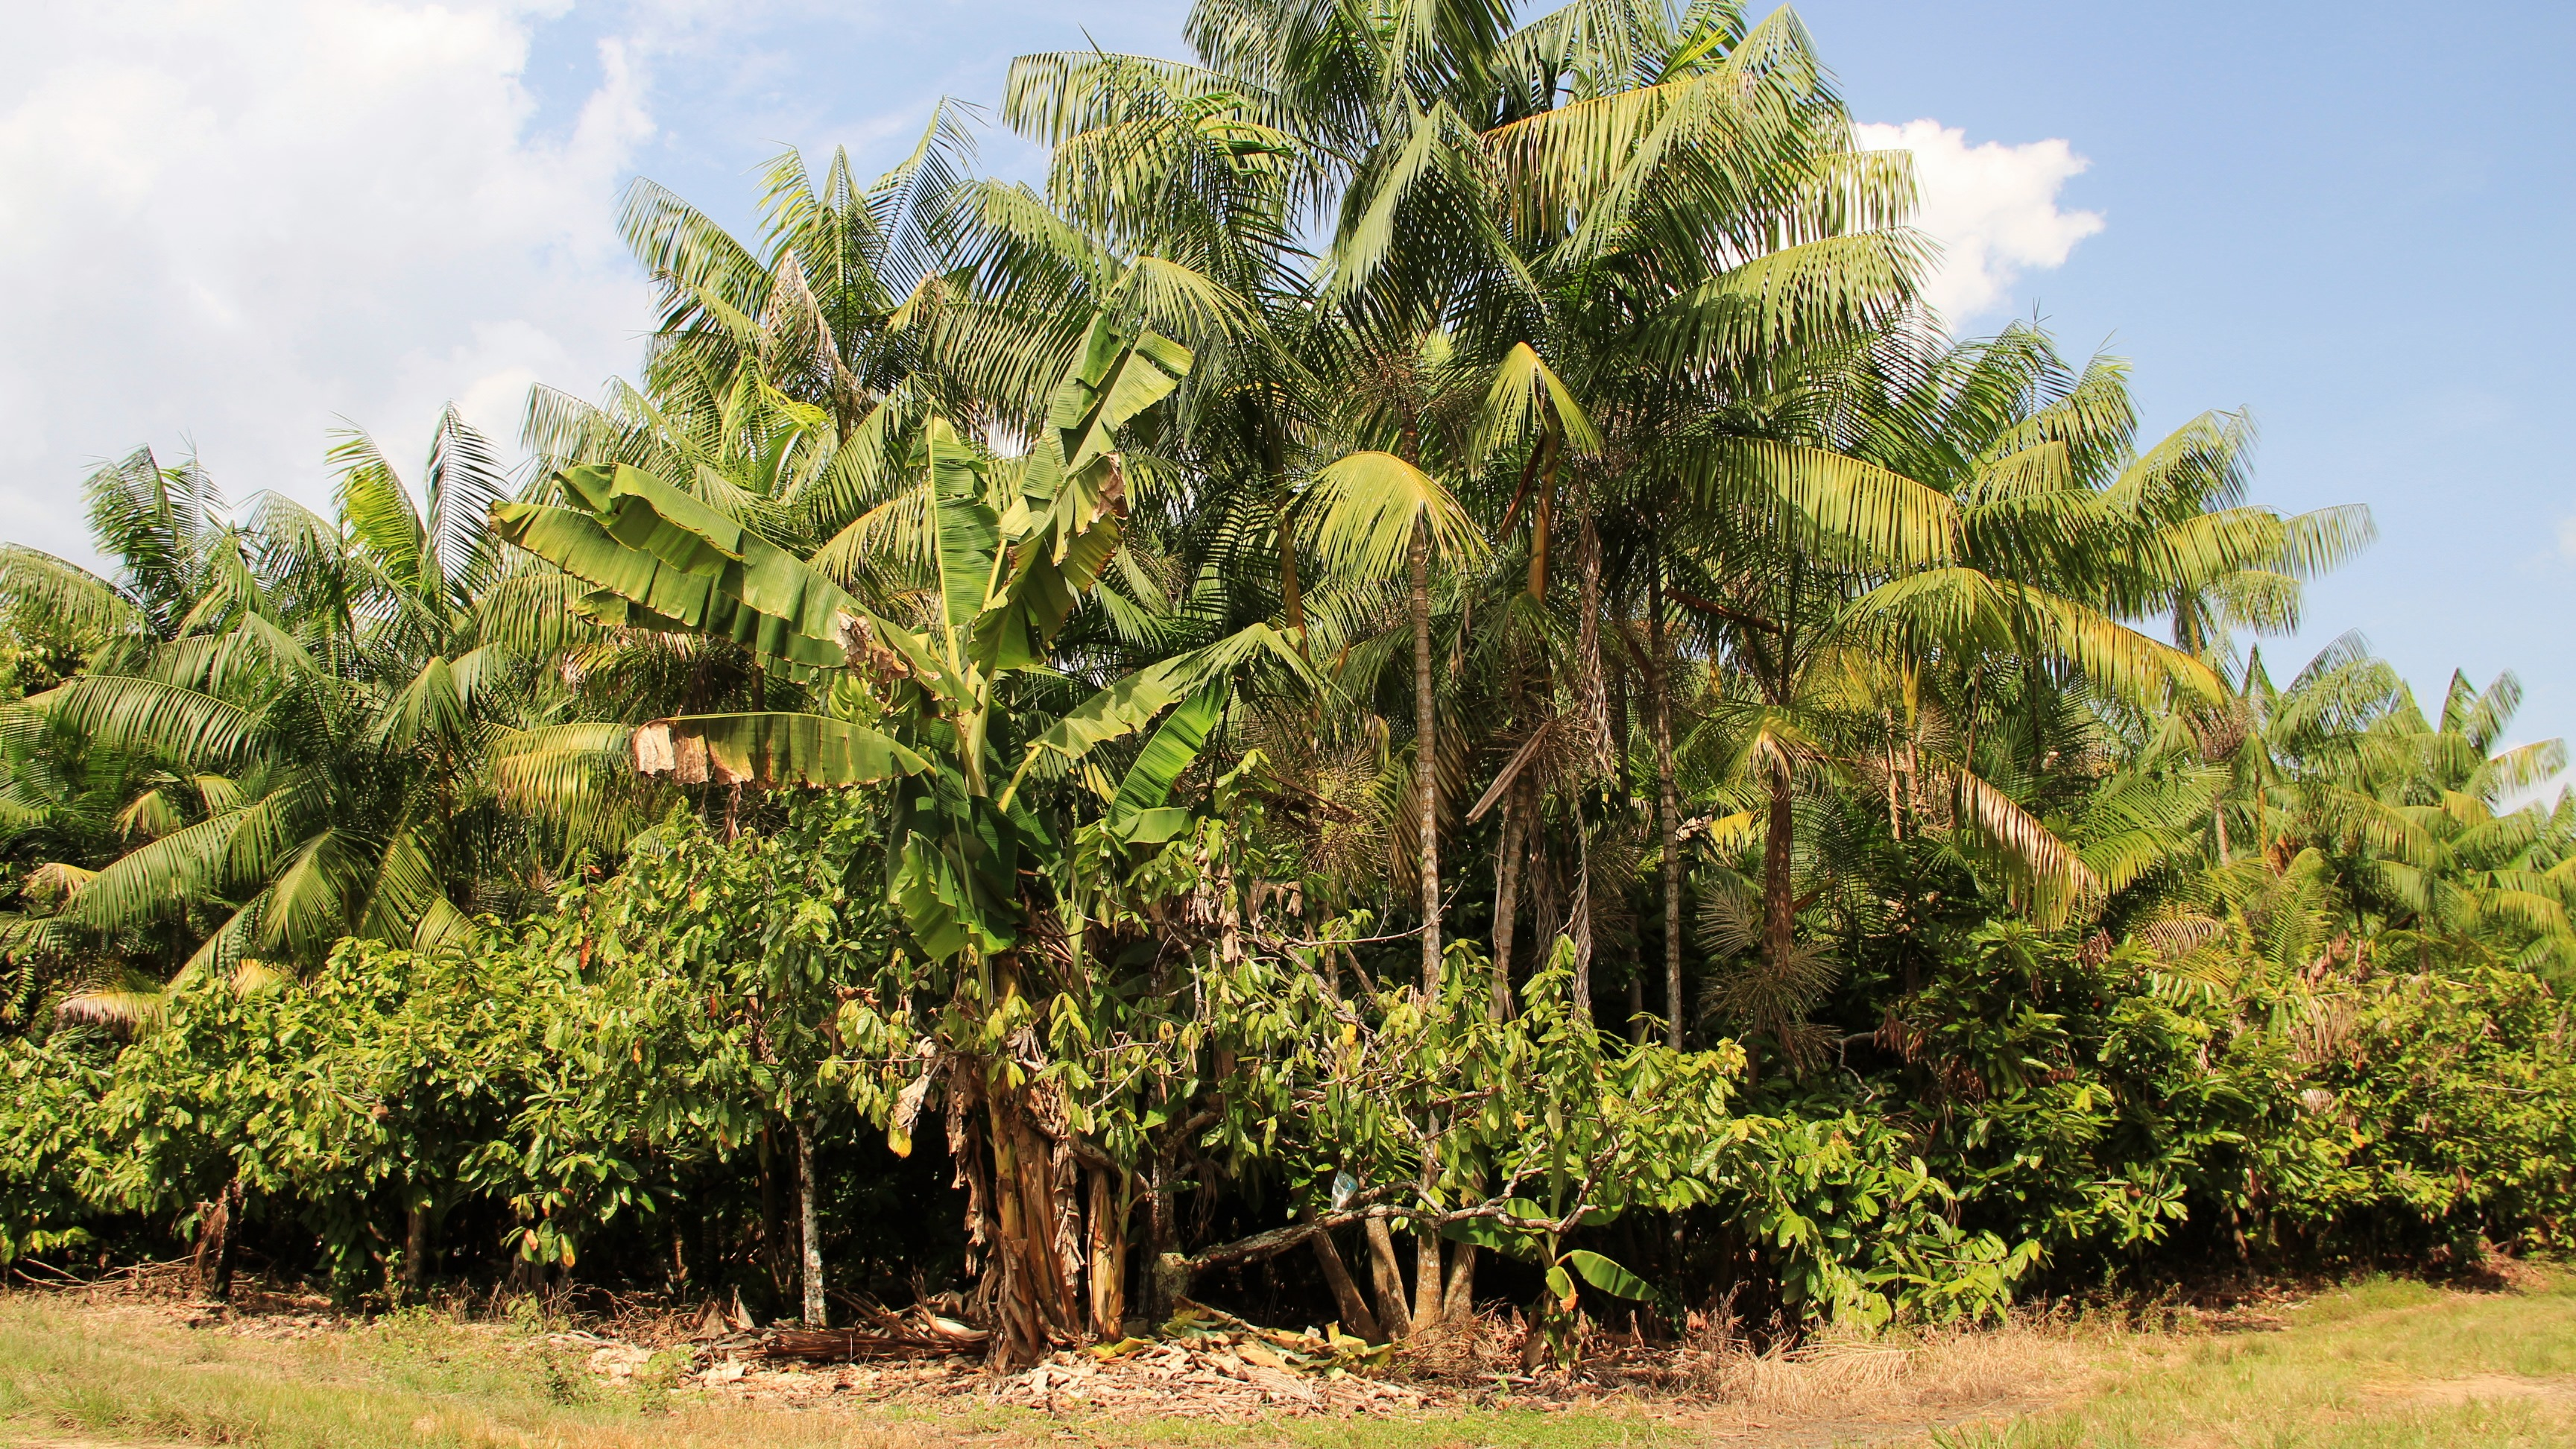 Ronaldo Rosa - O sistema agroflorestal (SAF) é uma das tecnologias estimuladas pelo projeto.